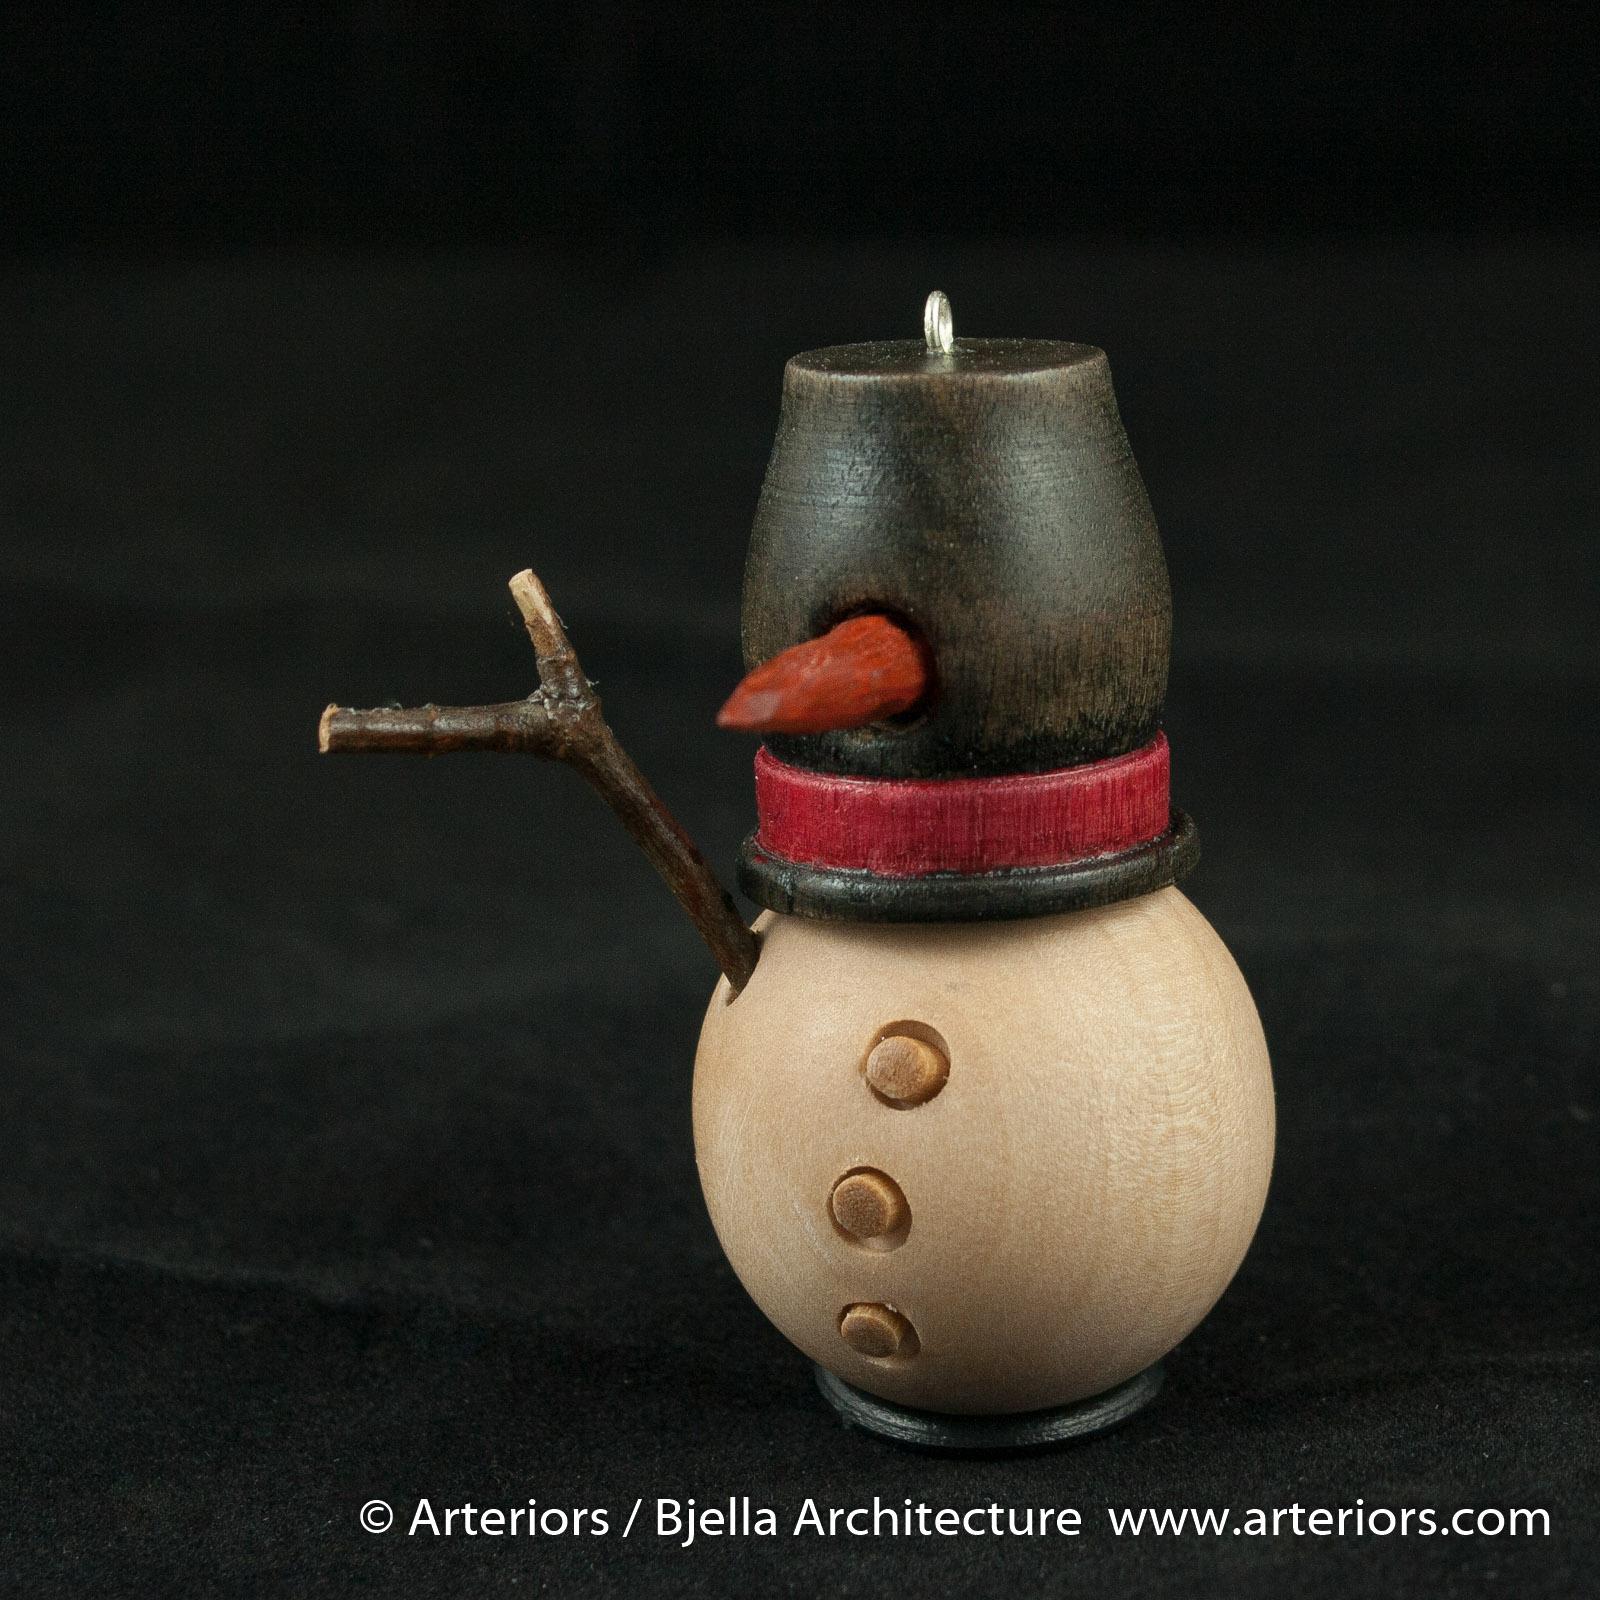 Bjella Snowman Ornament - Day 9 - Cutesy-28